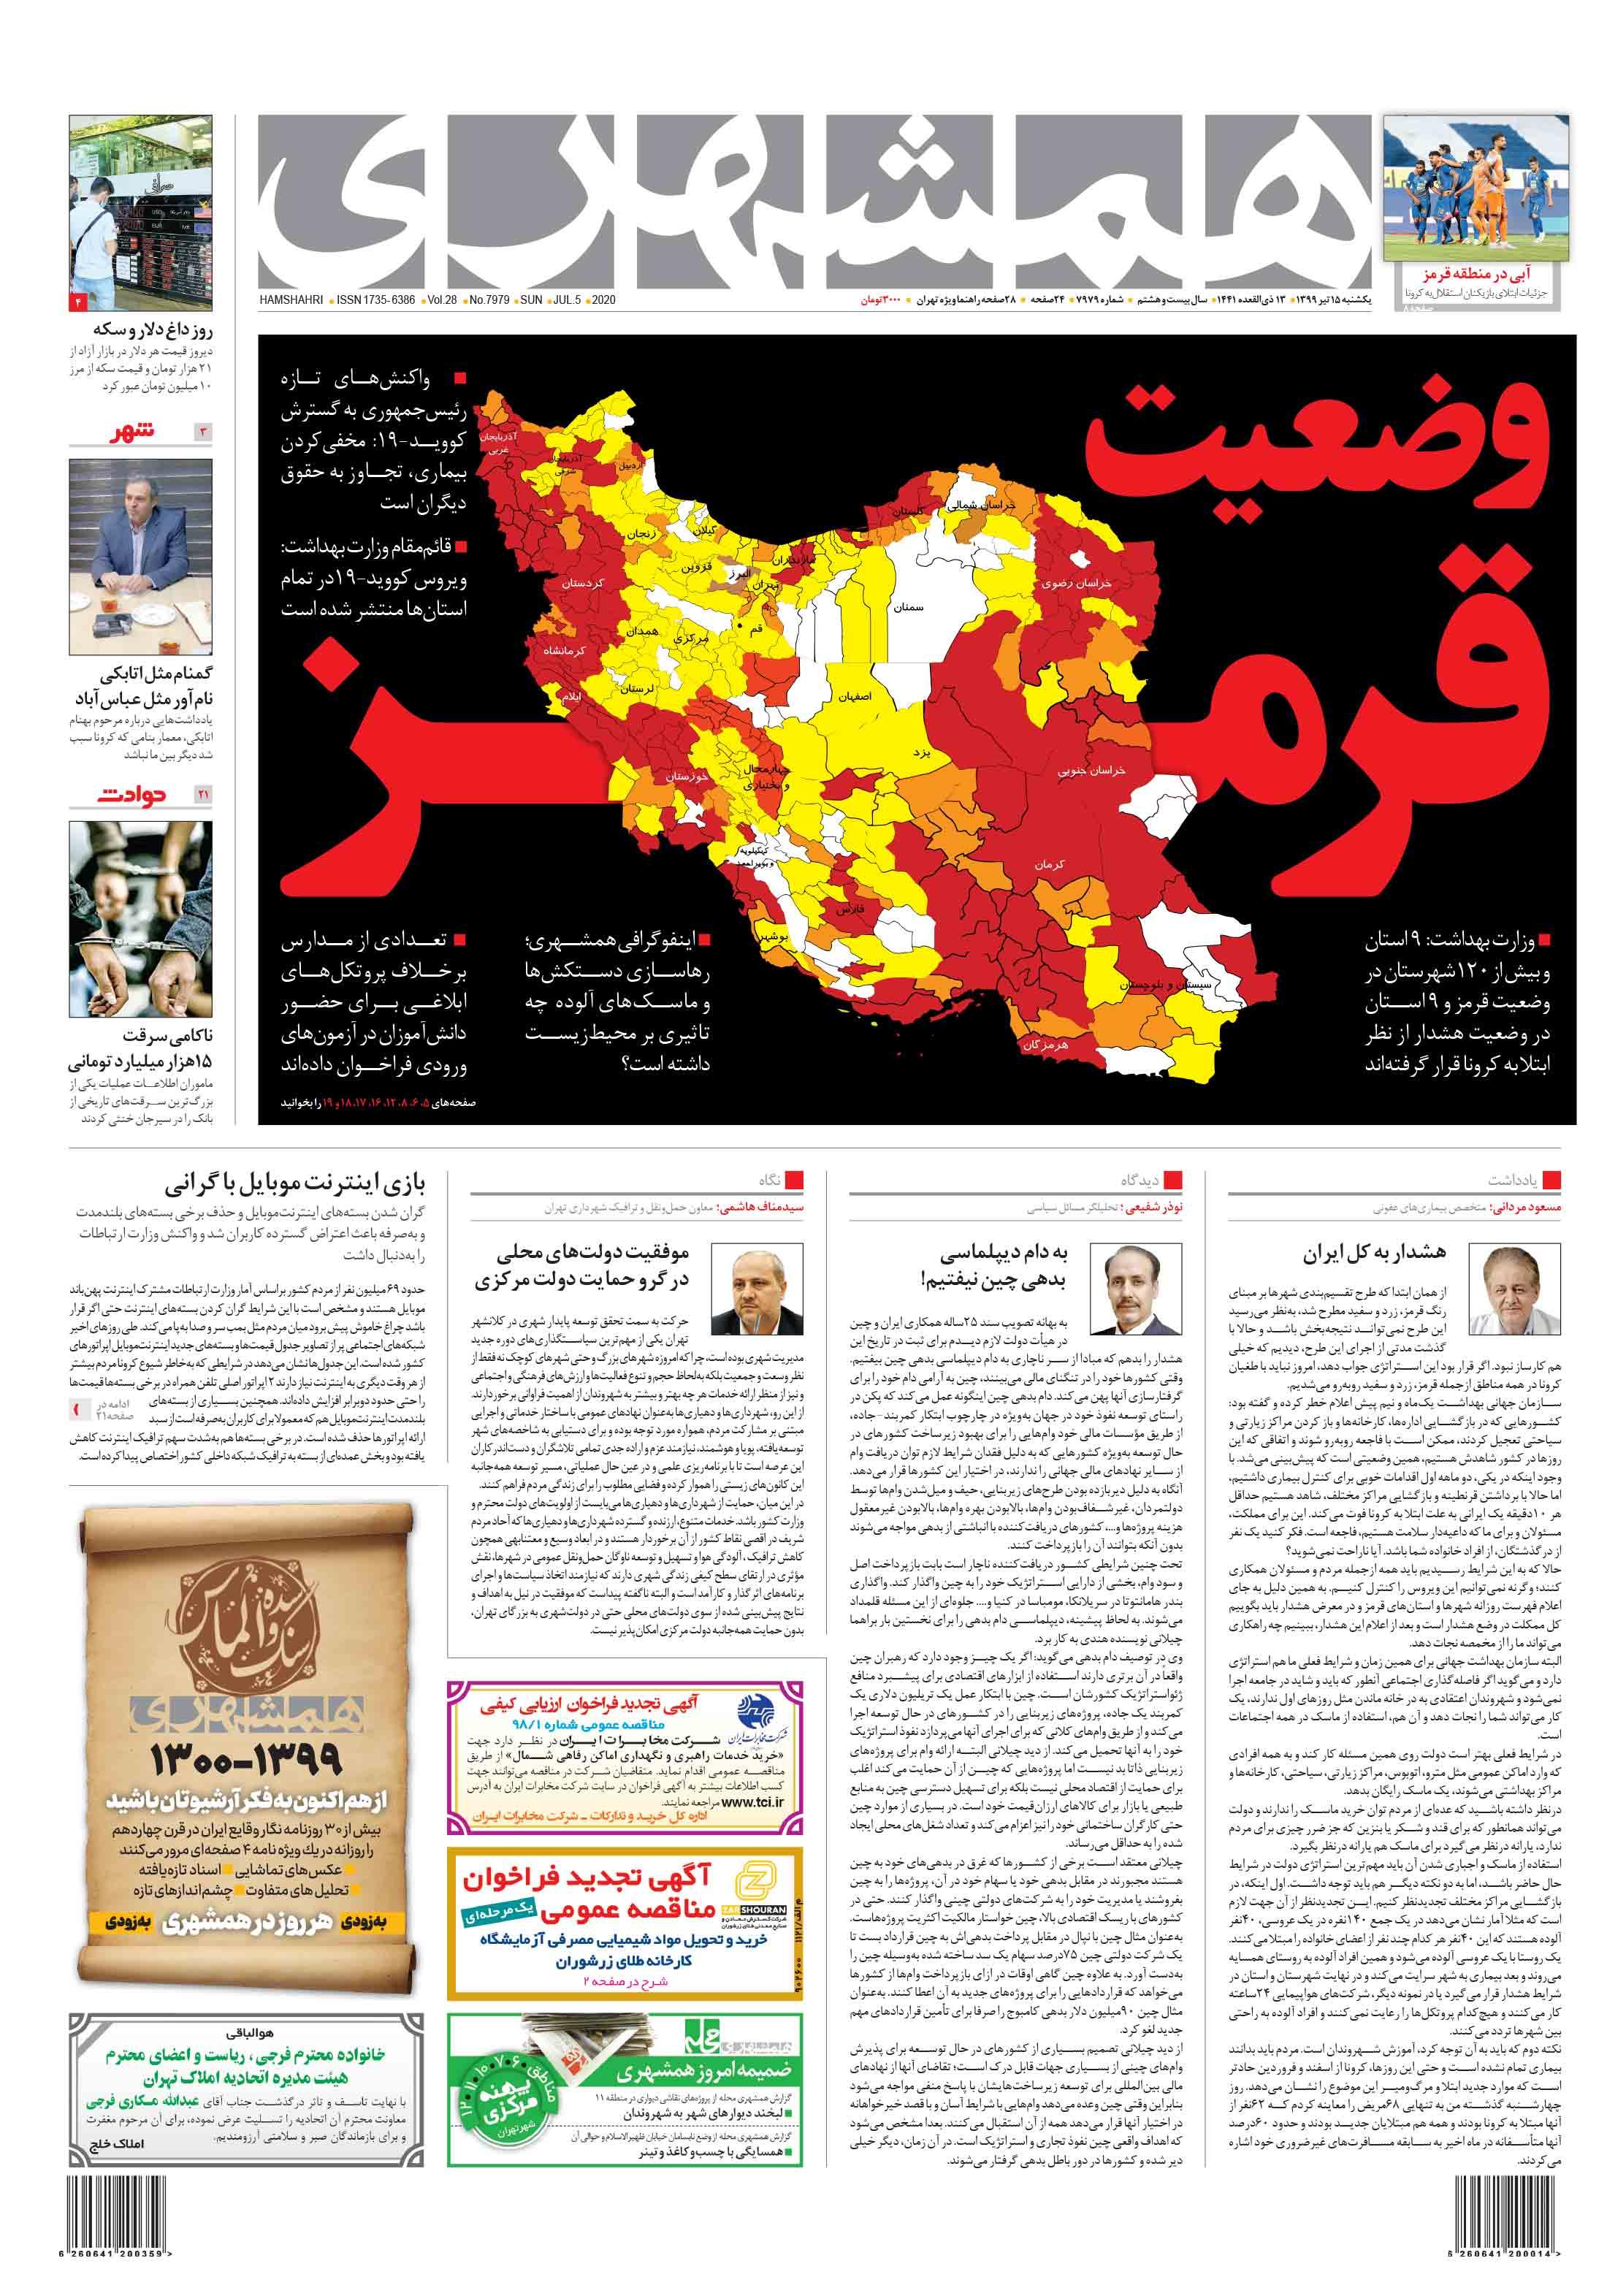 صفحه اول یکشنبه 15 تیر 1399